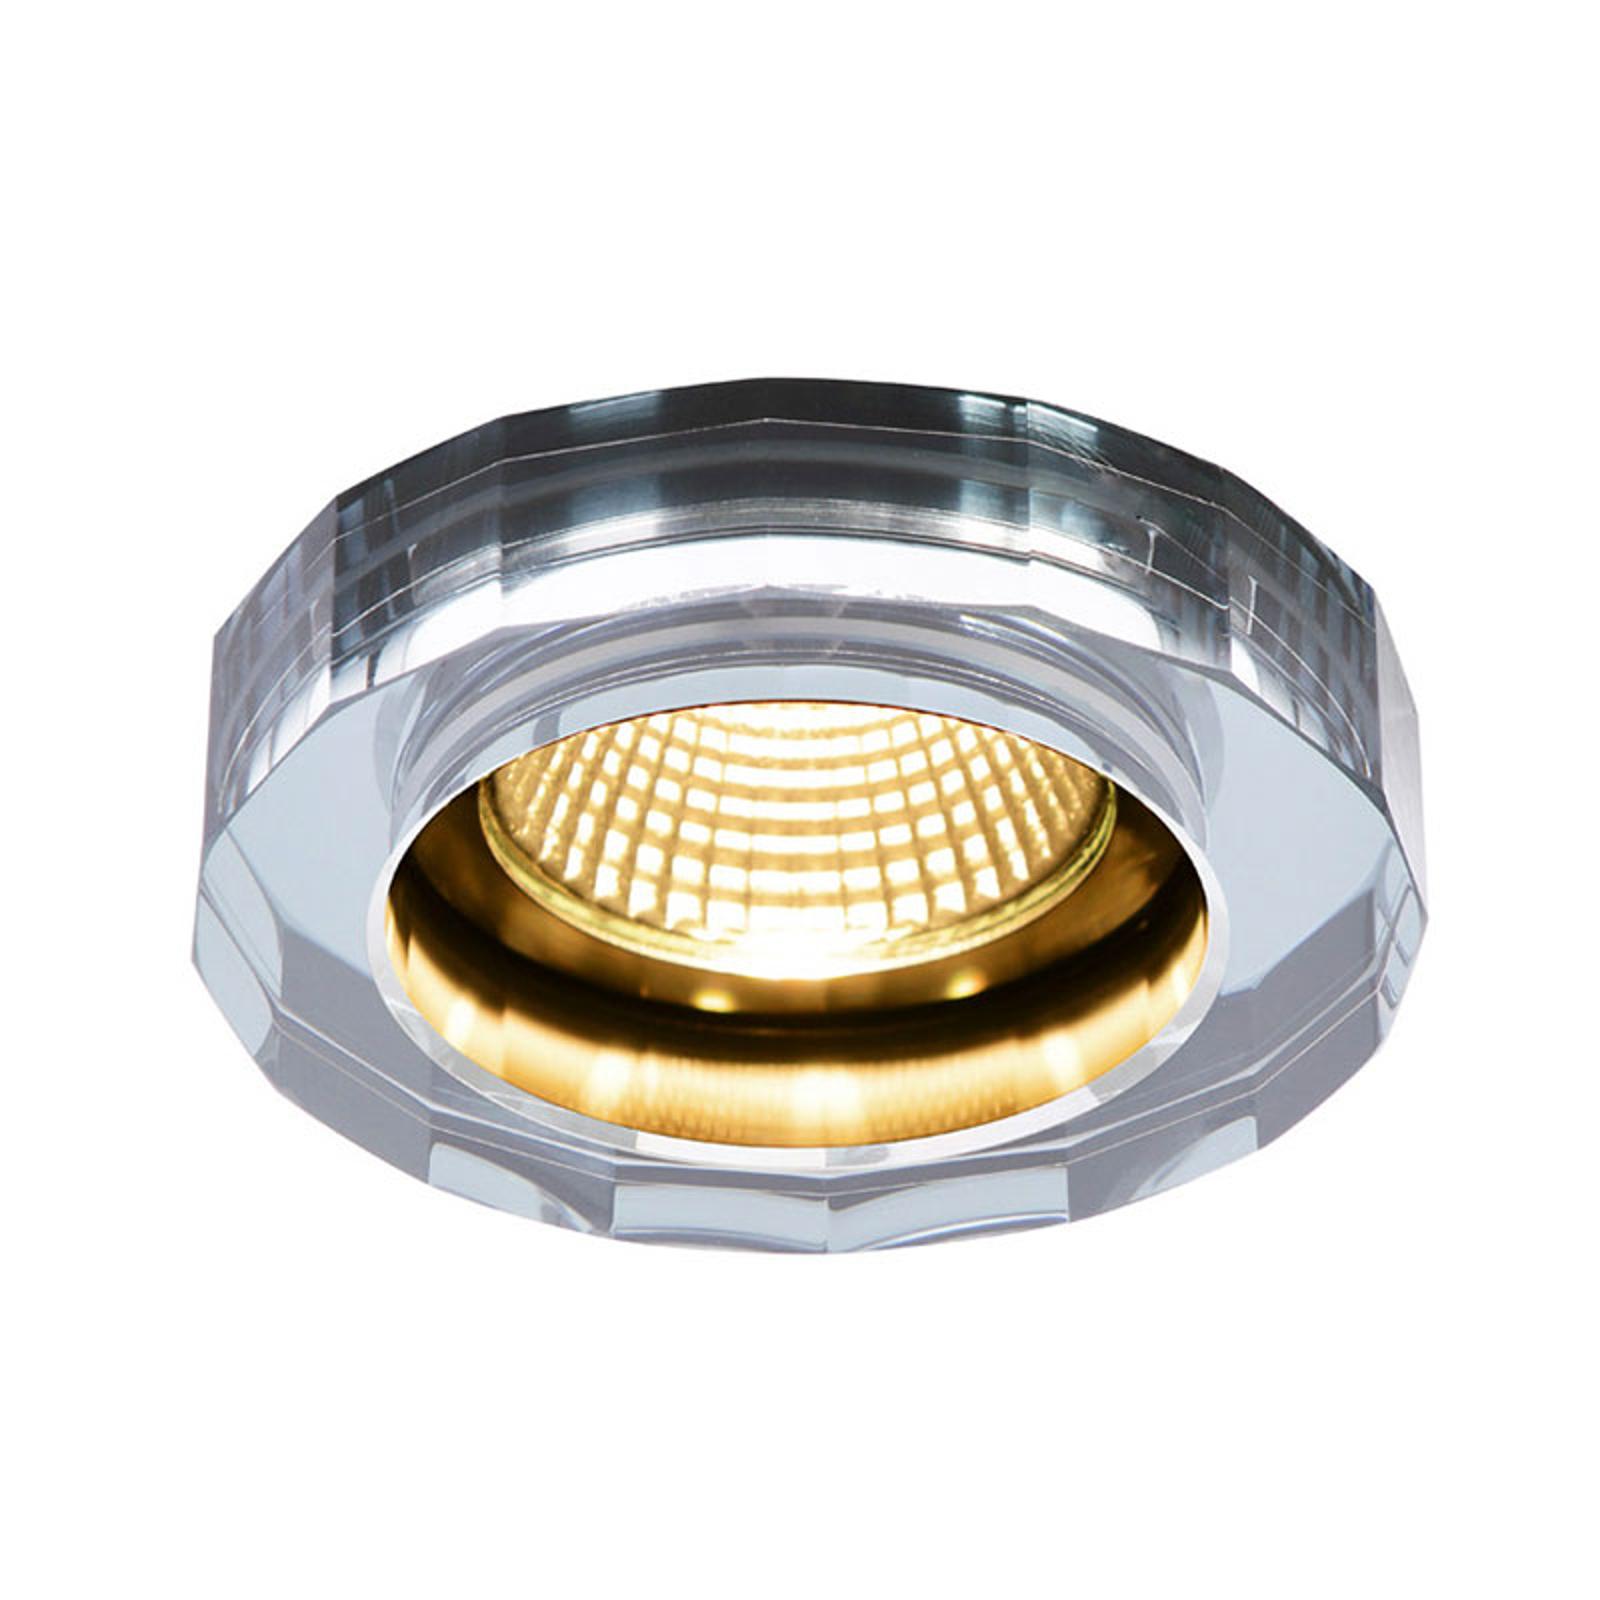 SLV Crystal LED-Einbaustrahler dim to warm, chrom